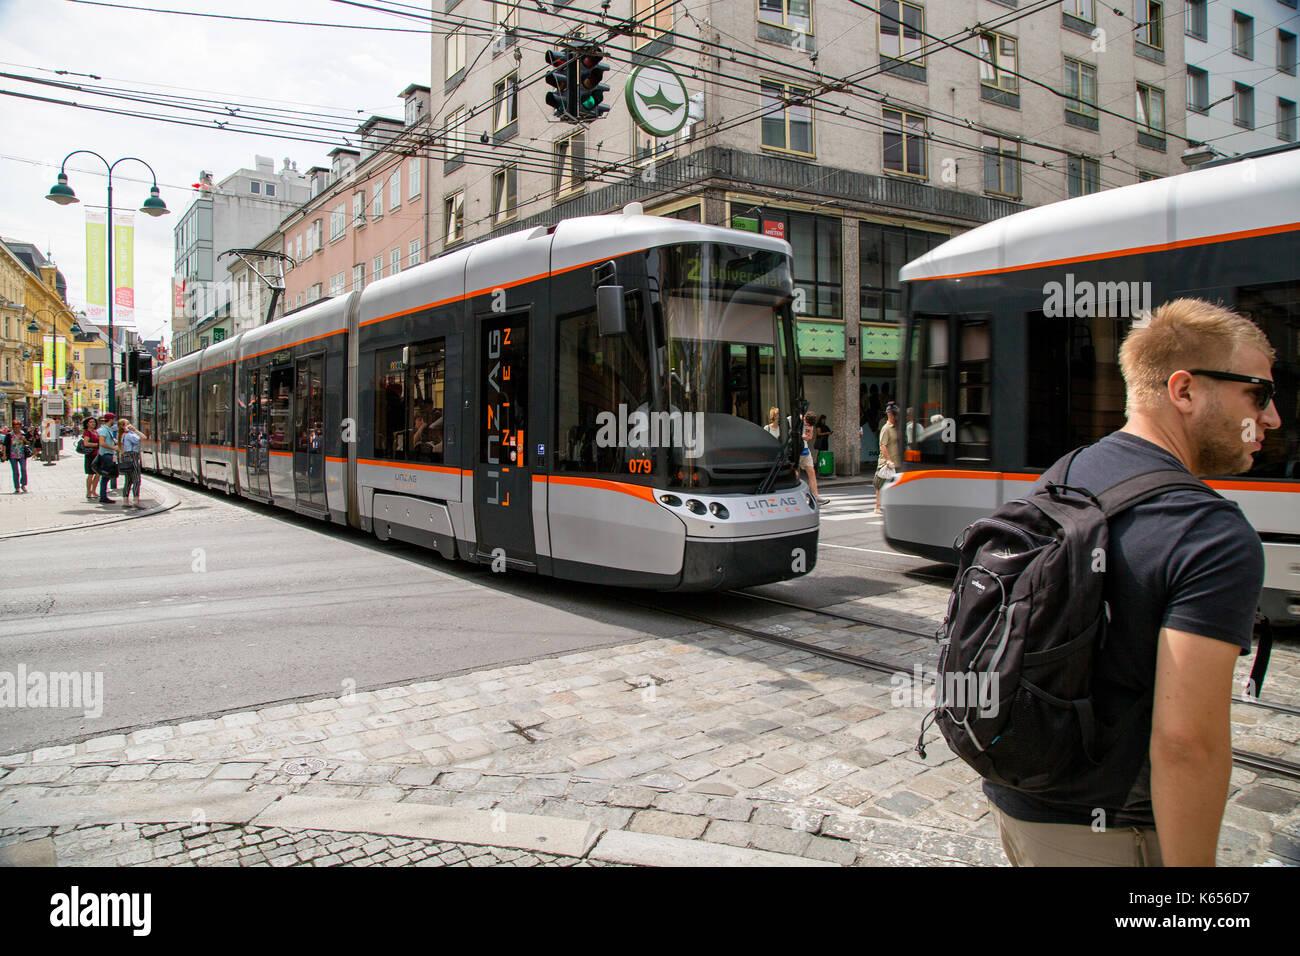 Hay un tranvía que pasa a través de Linz, República Checa Imagen De Stock